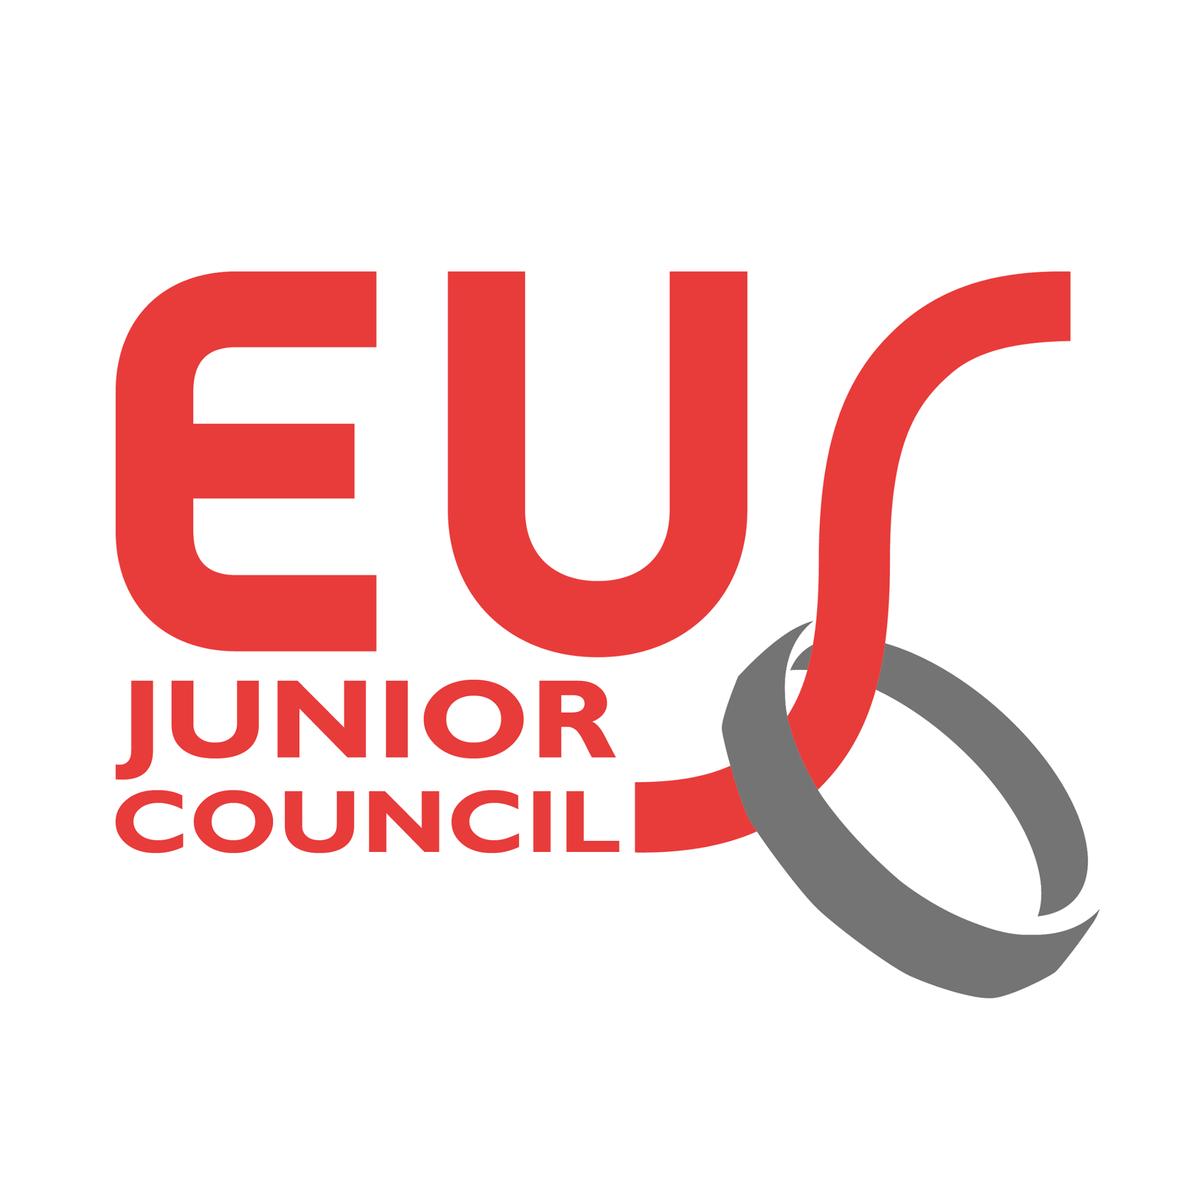 Junior Council - EUSwiki